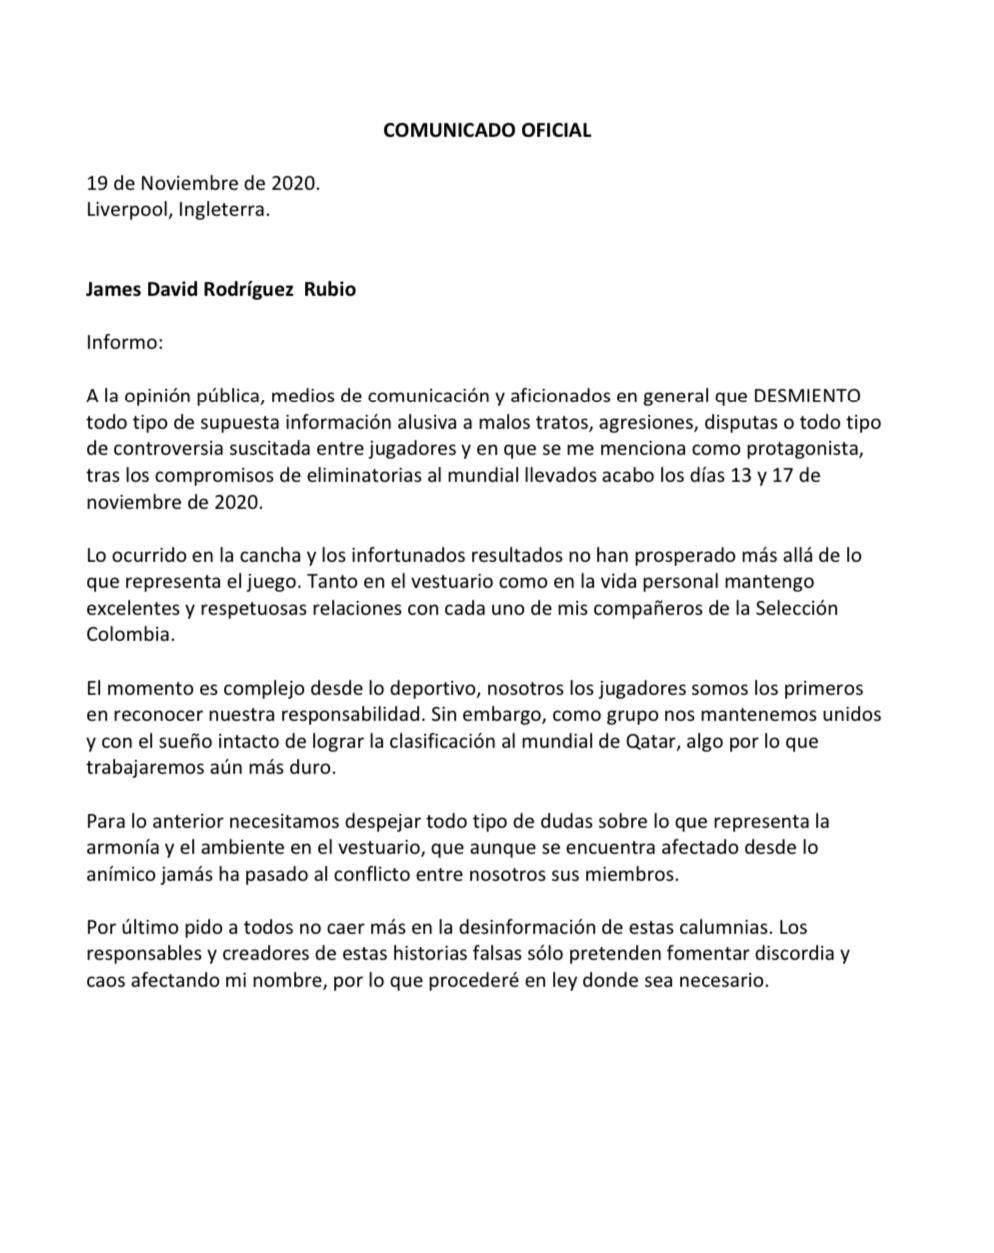 Comunicado publicado por James Rodríguez. (Foto: @jamesrodriguez)